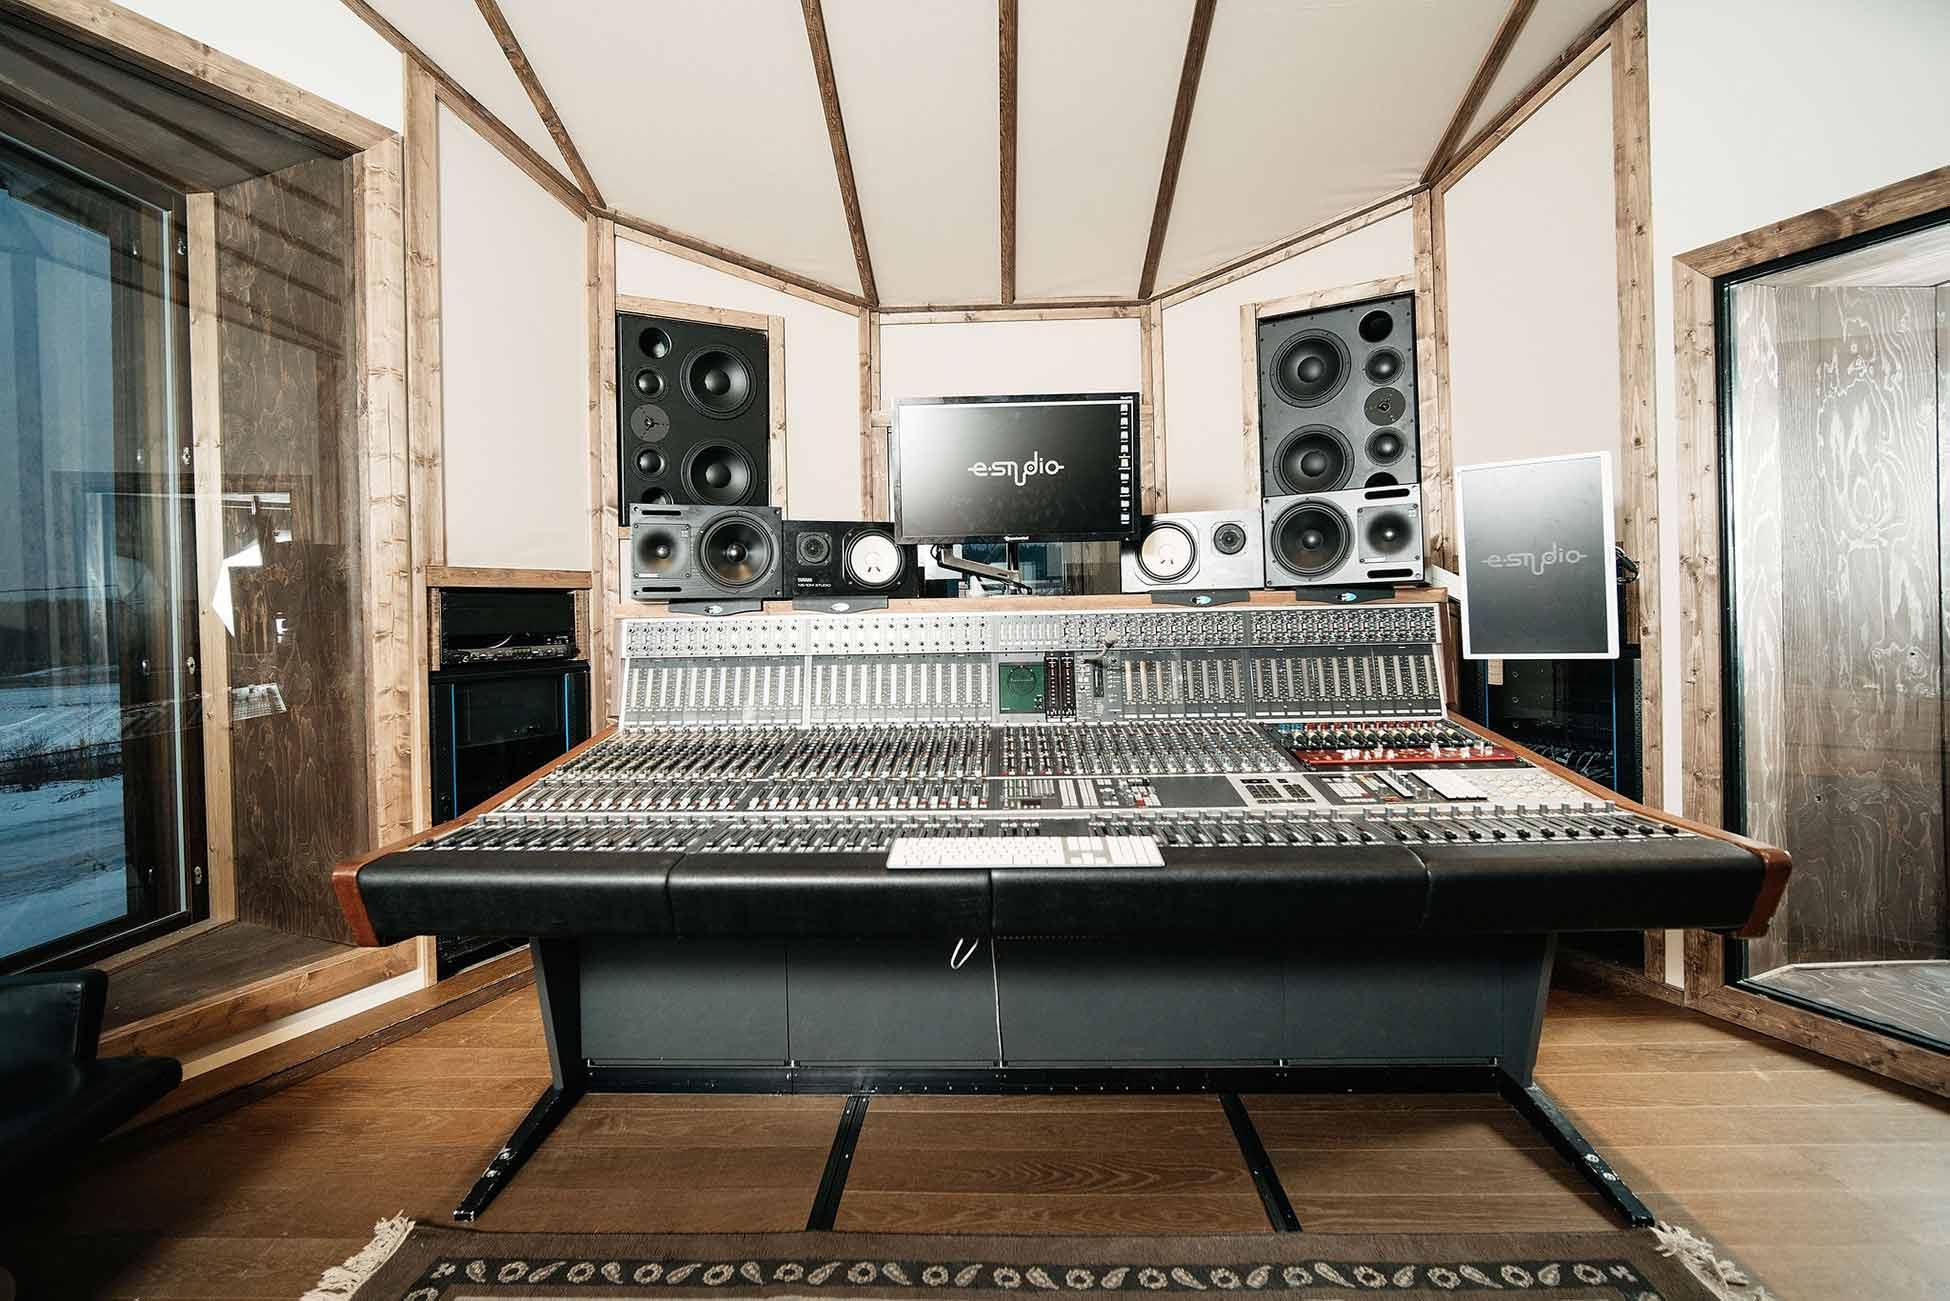 E-studio-tekniikka